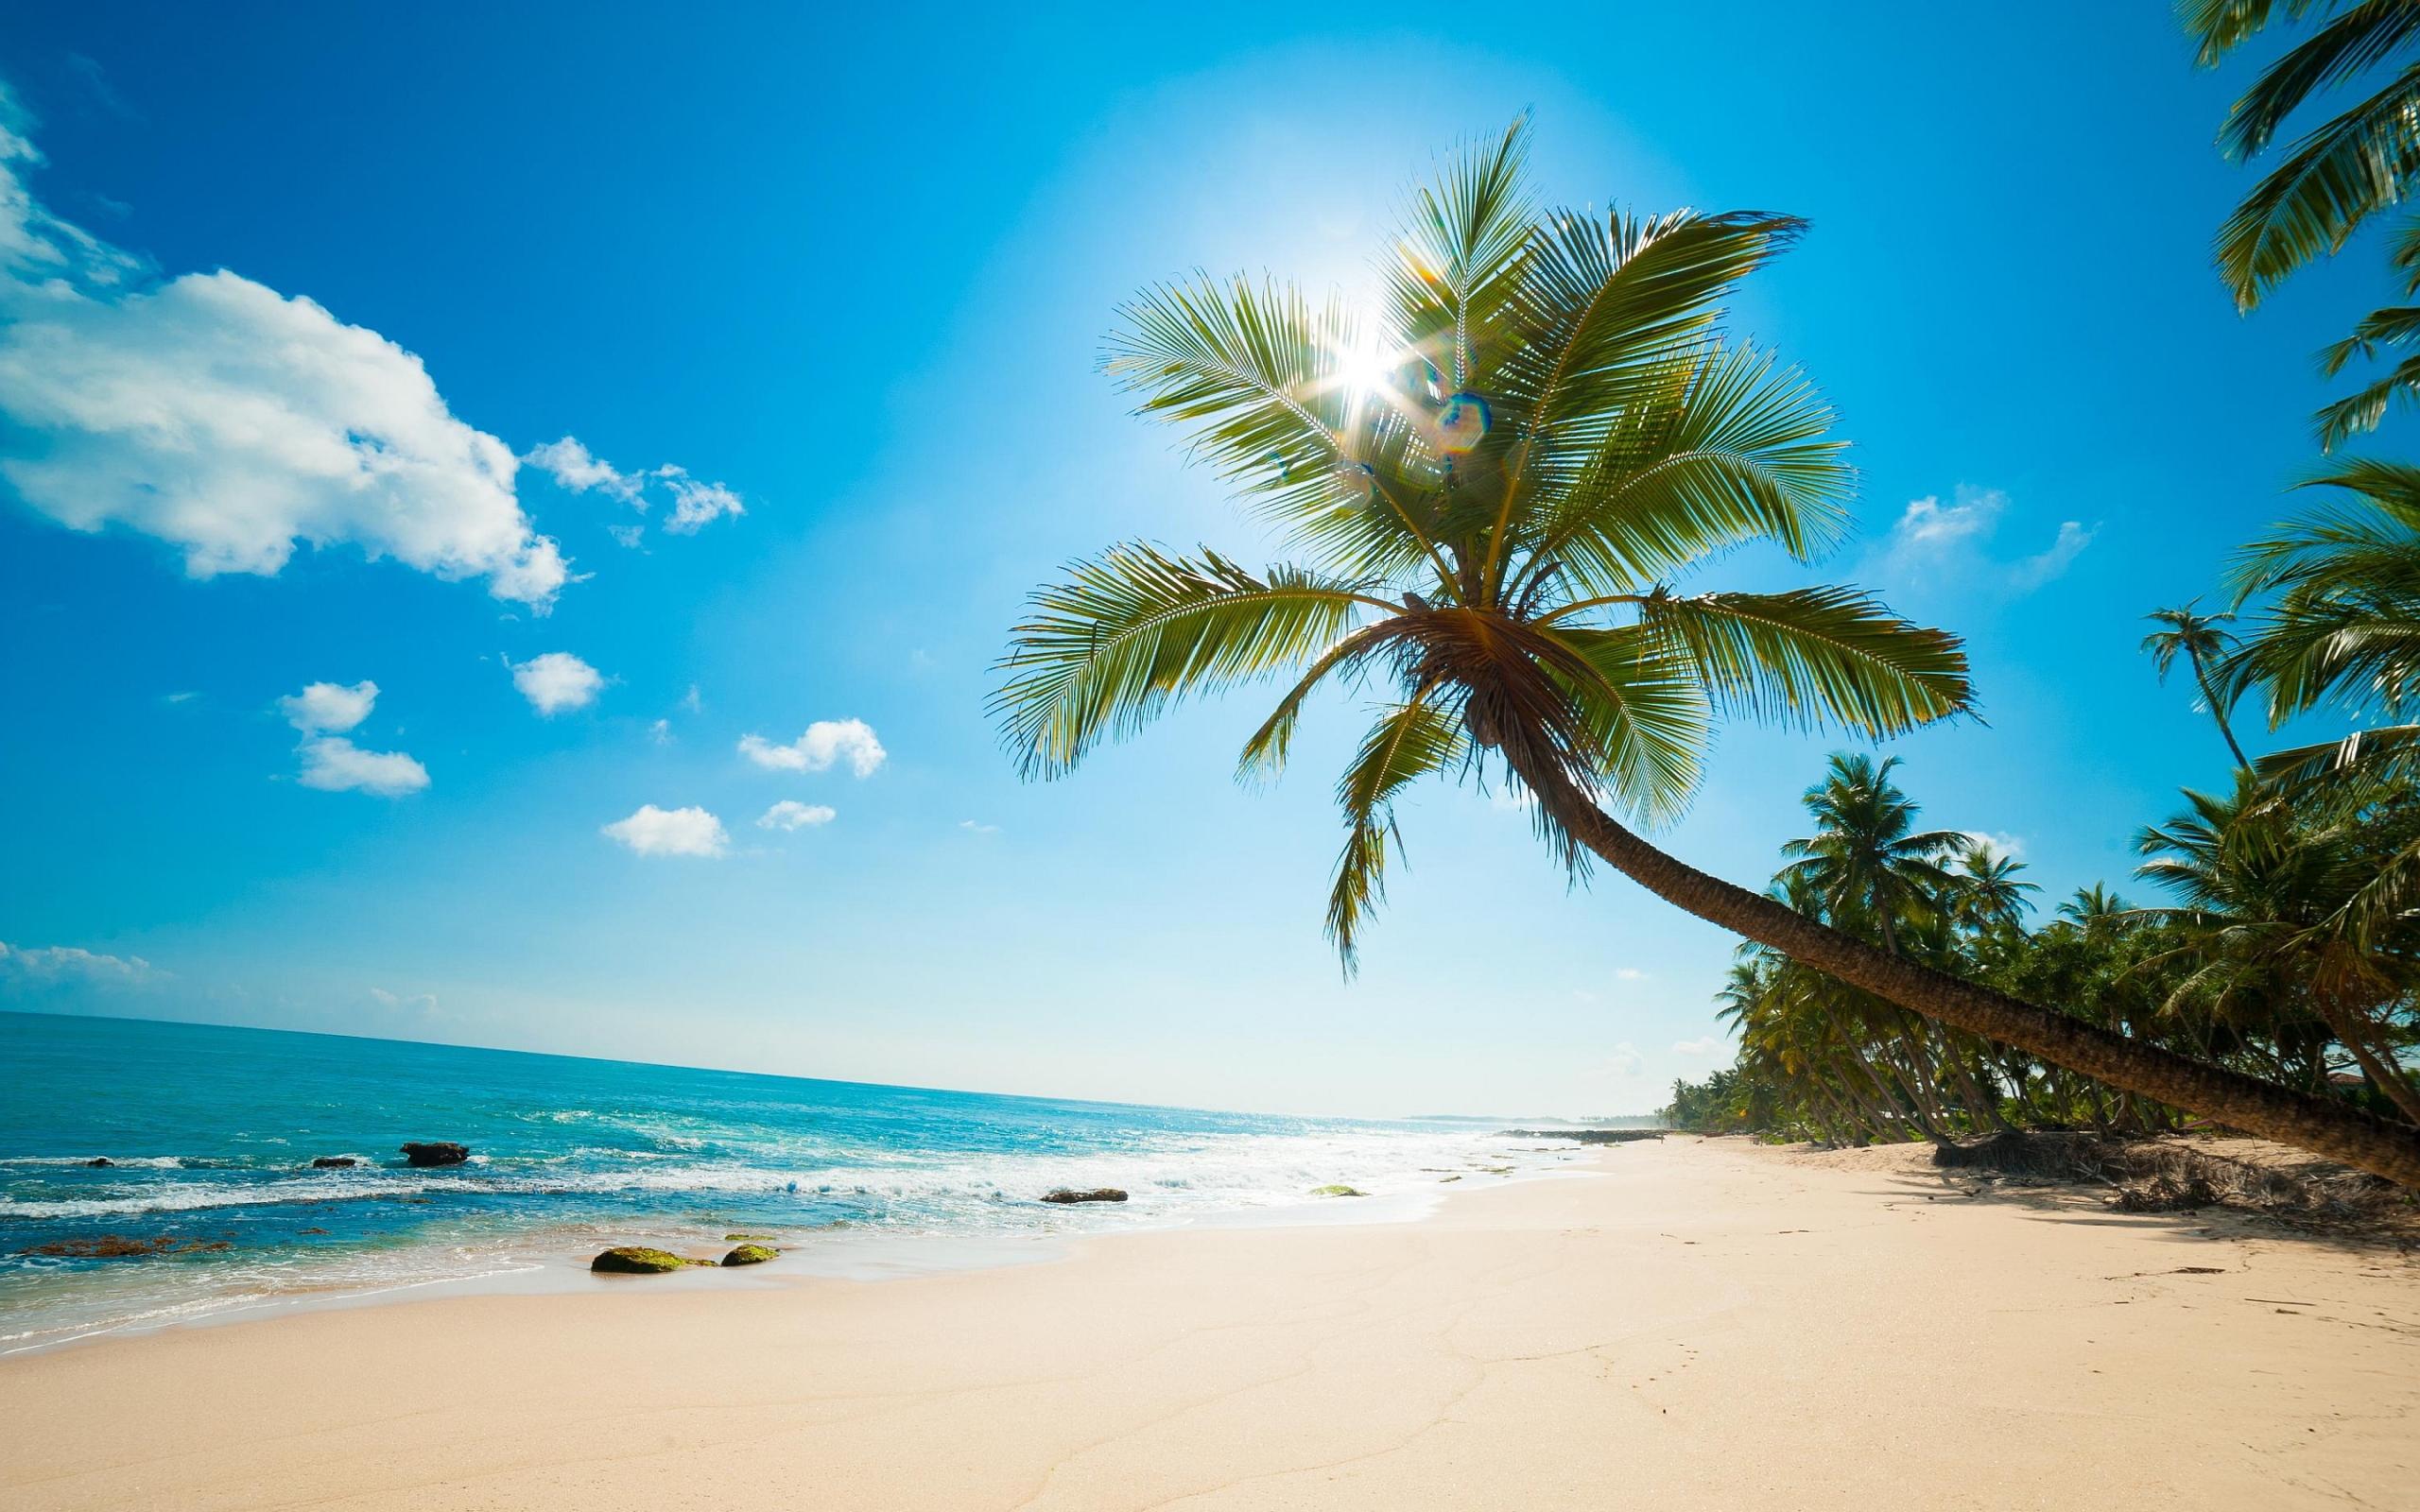 картинки море.солнце. пляж